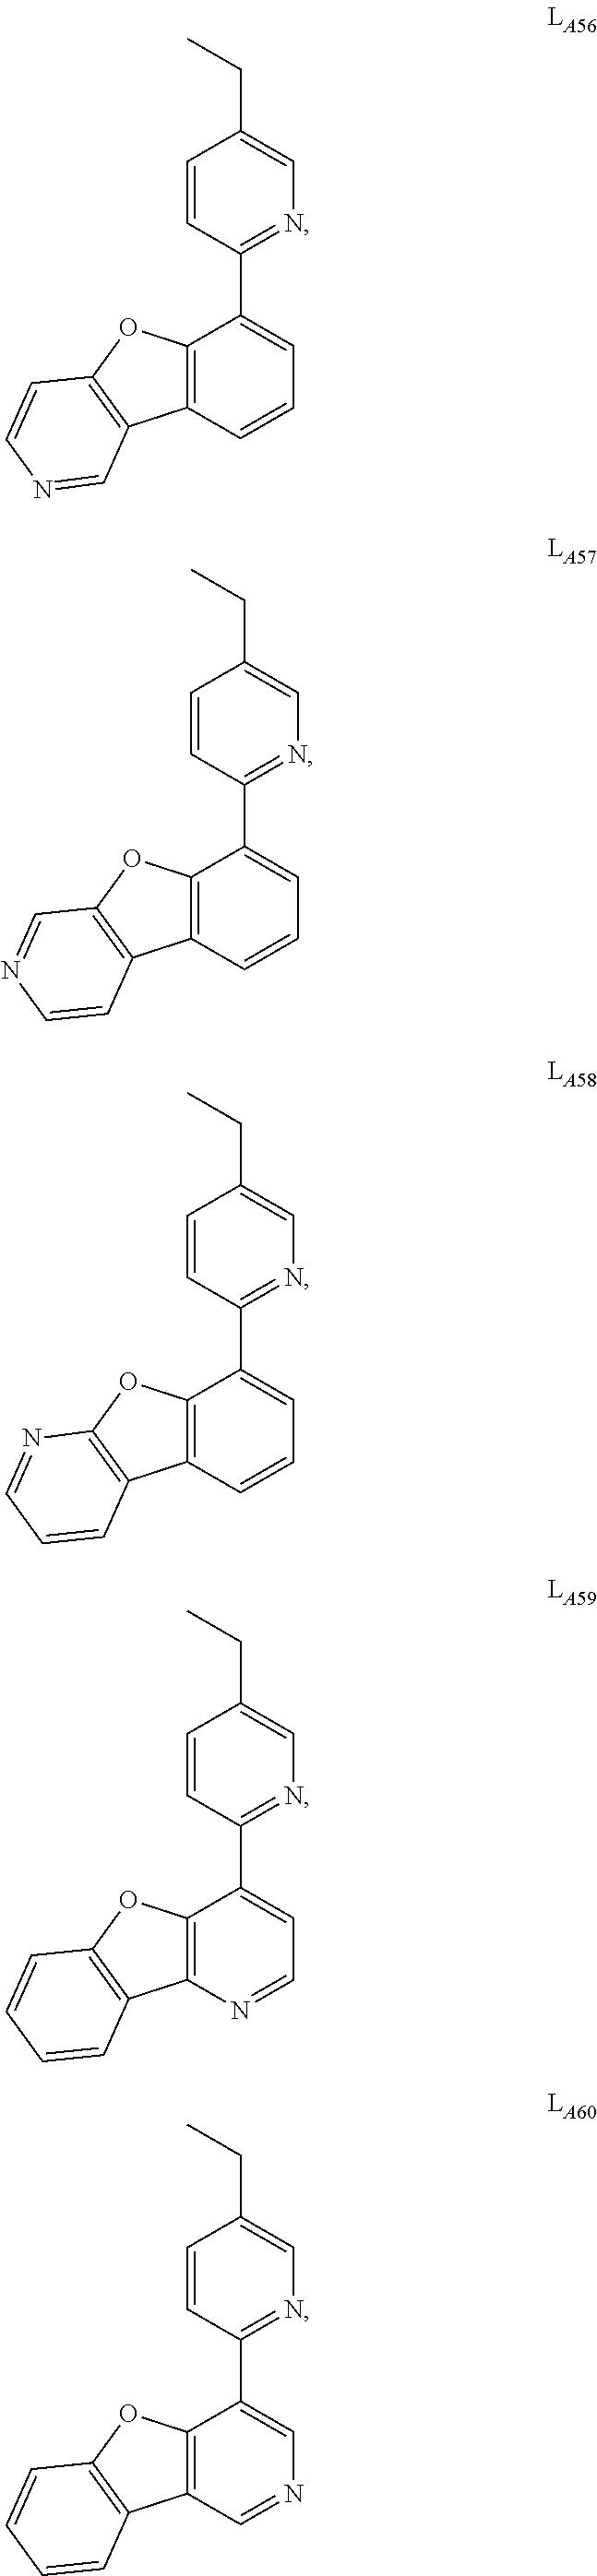 Figure US09634264-20170425-C00015